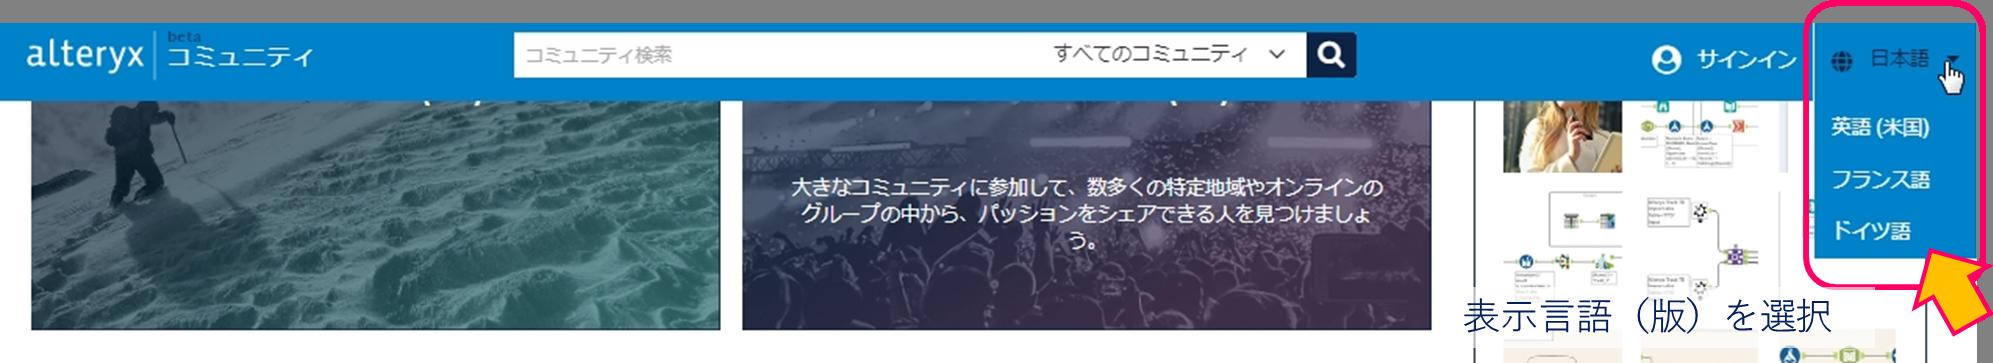 Alteryx Community アルテリックス コミュニティ TOPページ 日本語版 Japanese 言語設定画面